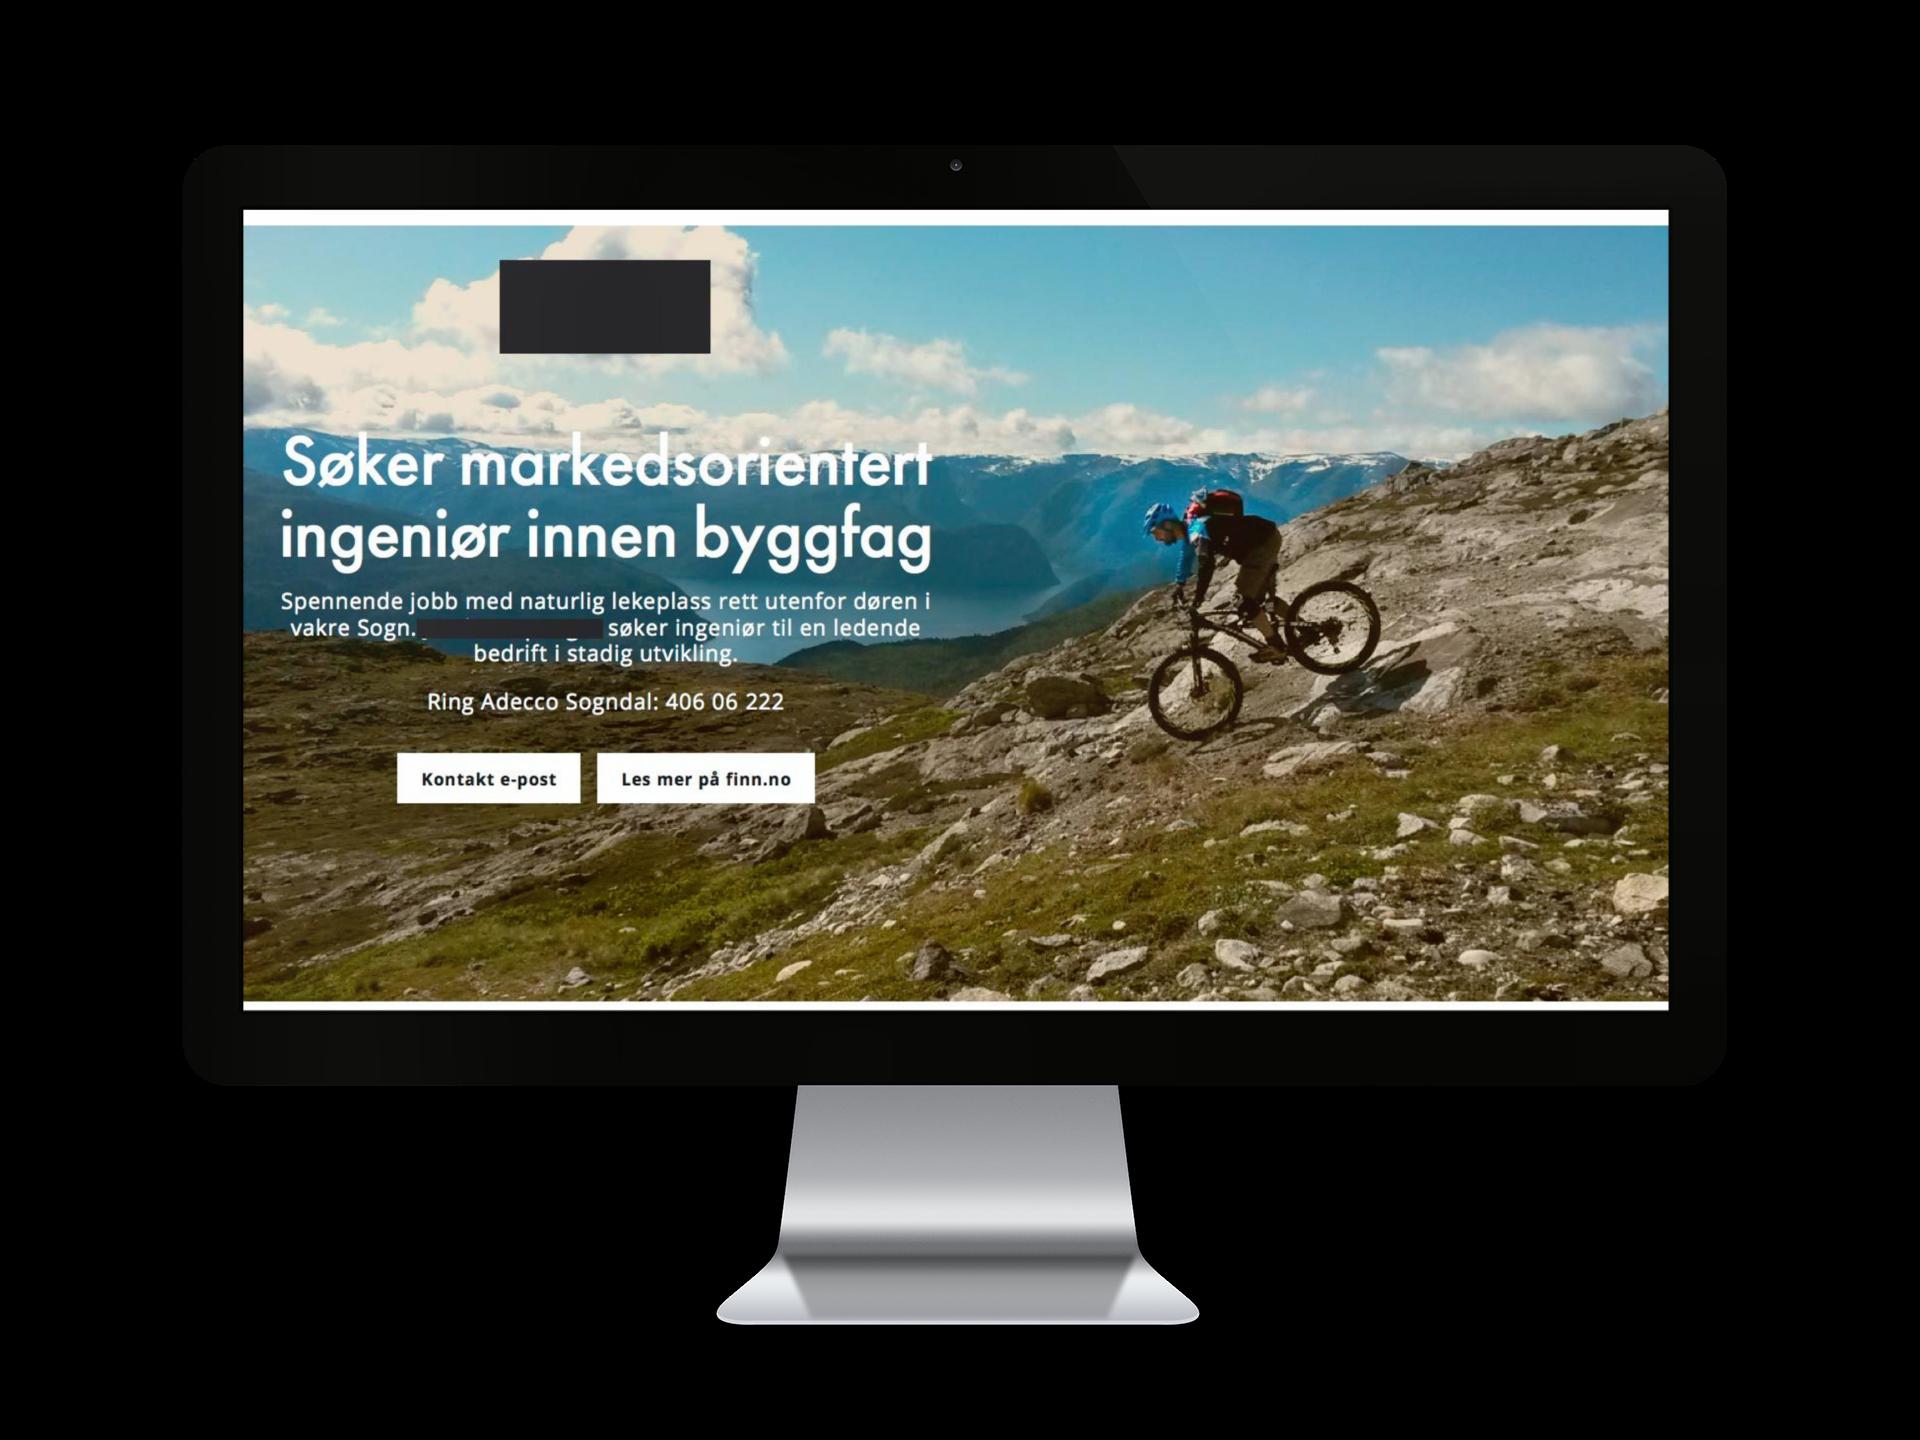 Adecco Sogndal - Driv med rekruttering, ønskja hjelp til å lage ei mer kreativ annonse for ei kunde. Men finn.no som landingsside, knytta vi opp annonsa med ei eiga side til annonsering i Google AdWords, i tillegg til aktivt bruk i sosiale medium.